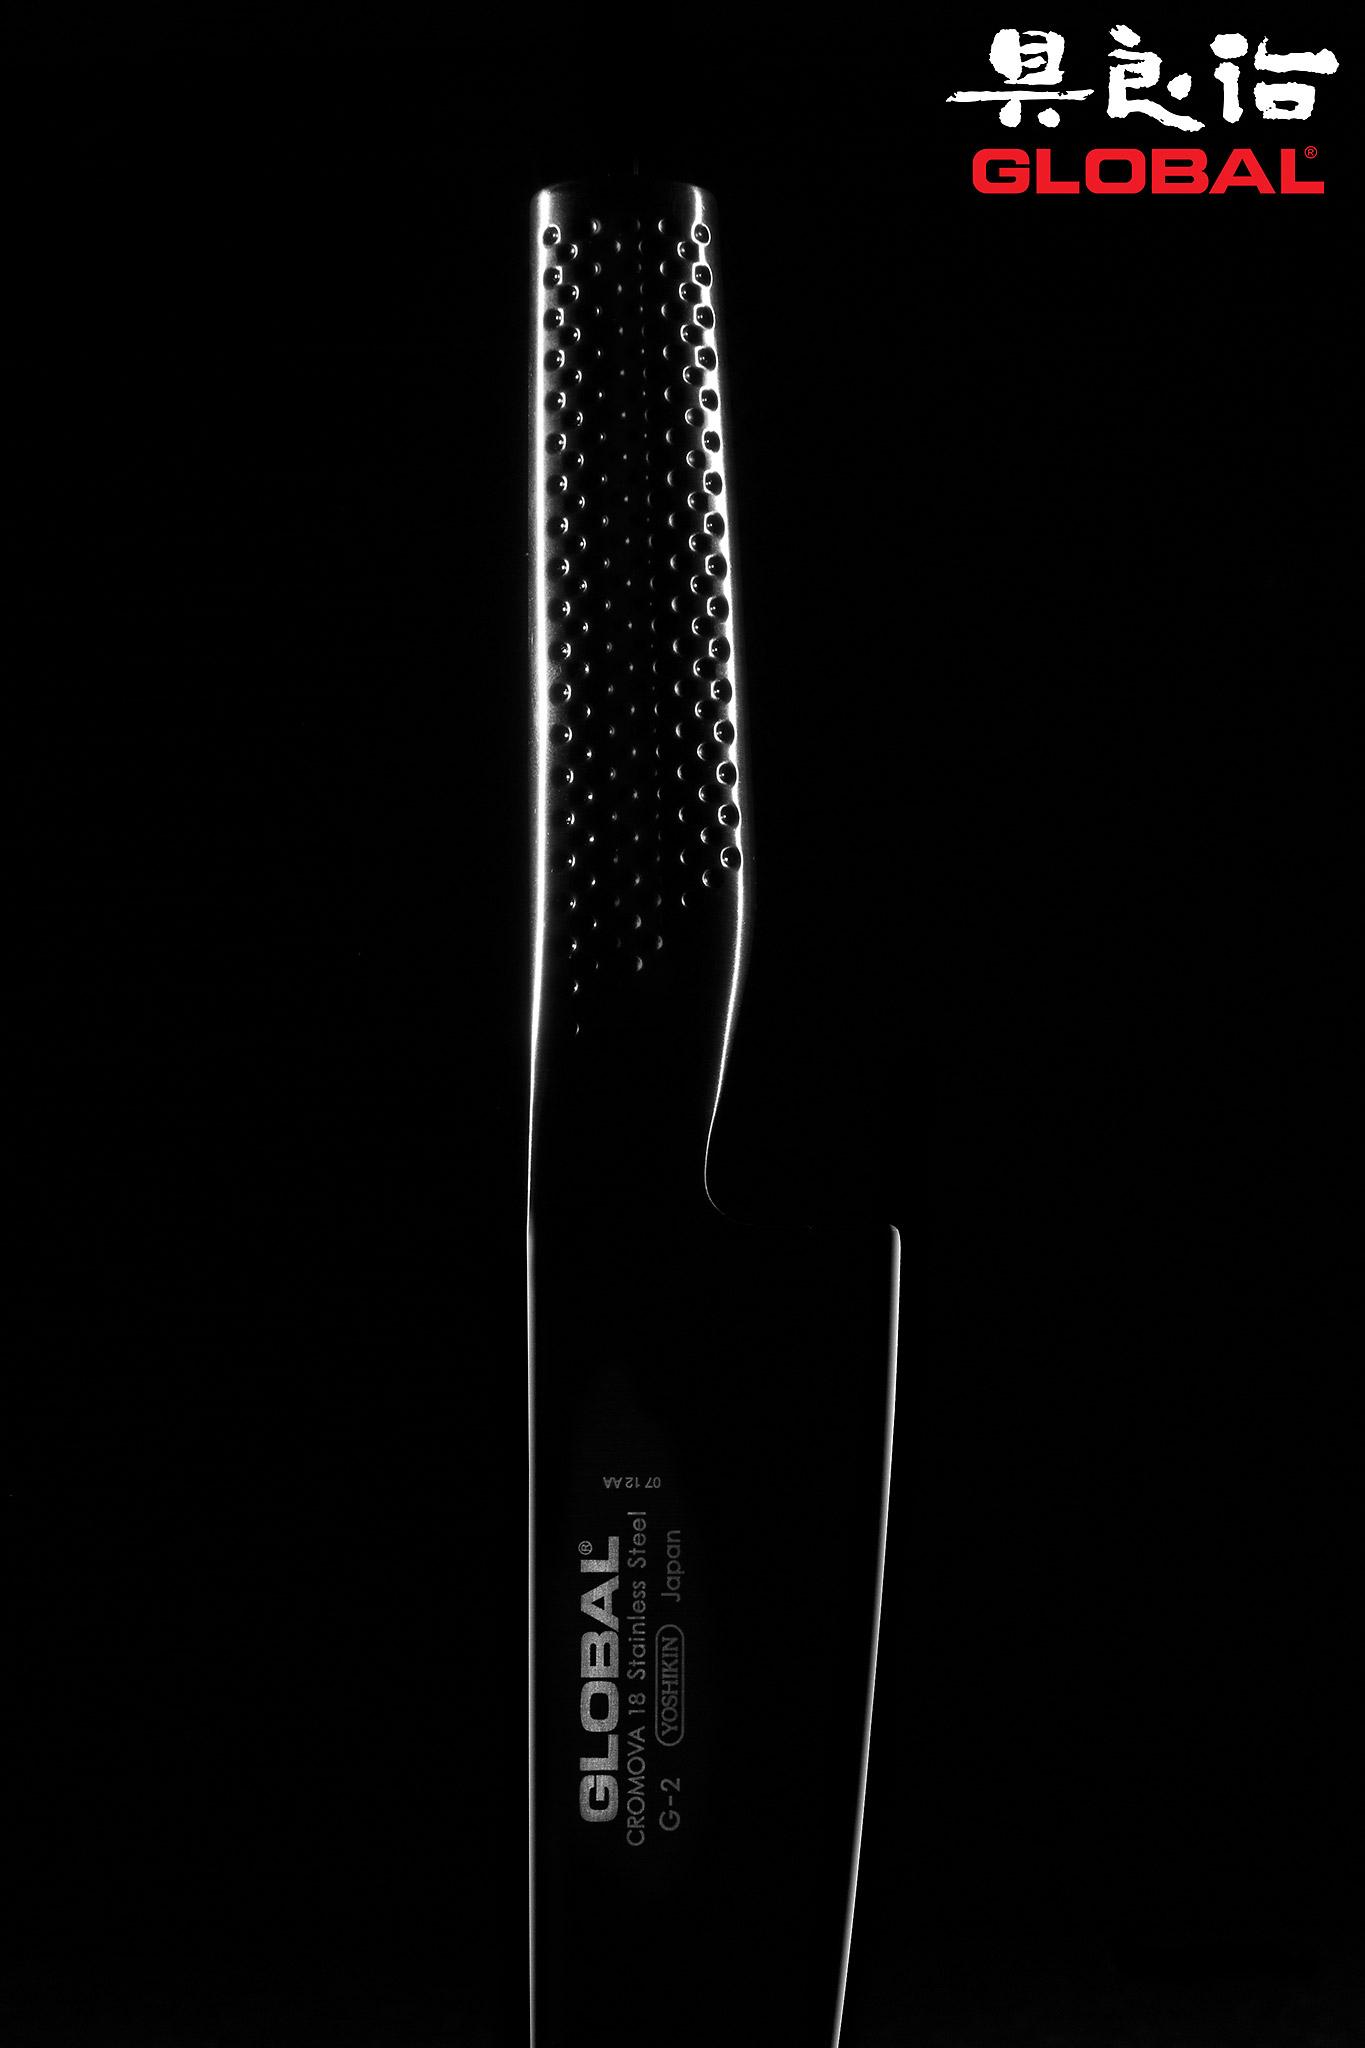 Global-Knife---HERO-2.jpg